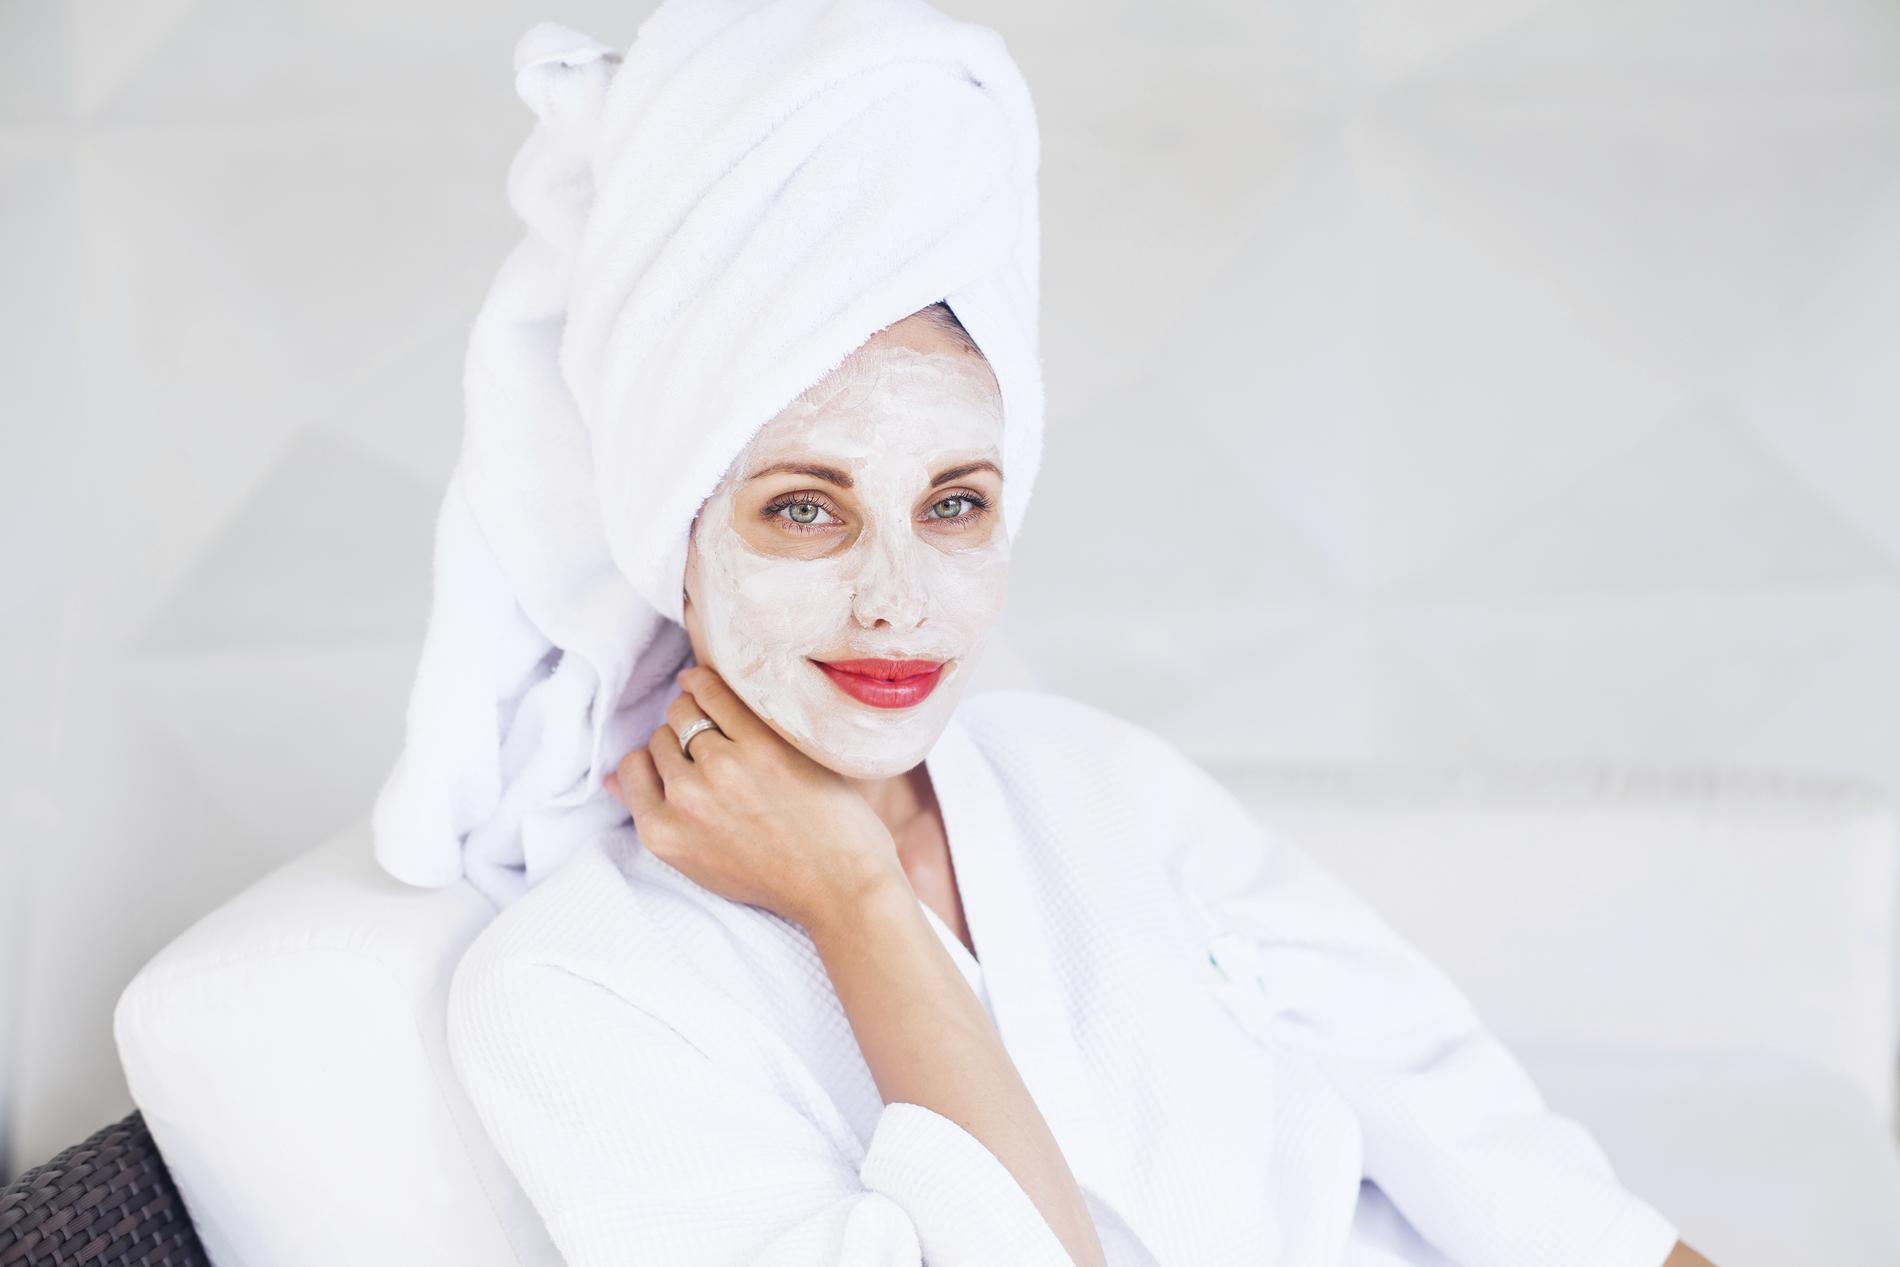 Soin du visage maison peau mixte ambroise beaut - Masque peau grasse maison ...